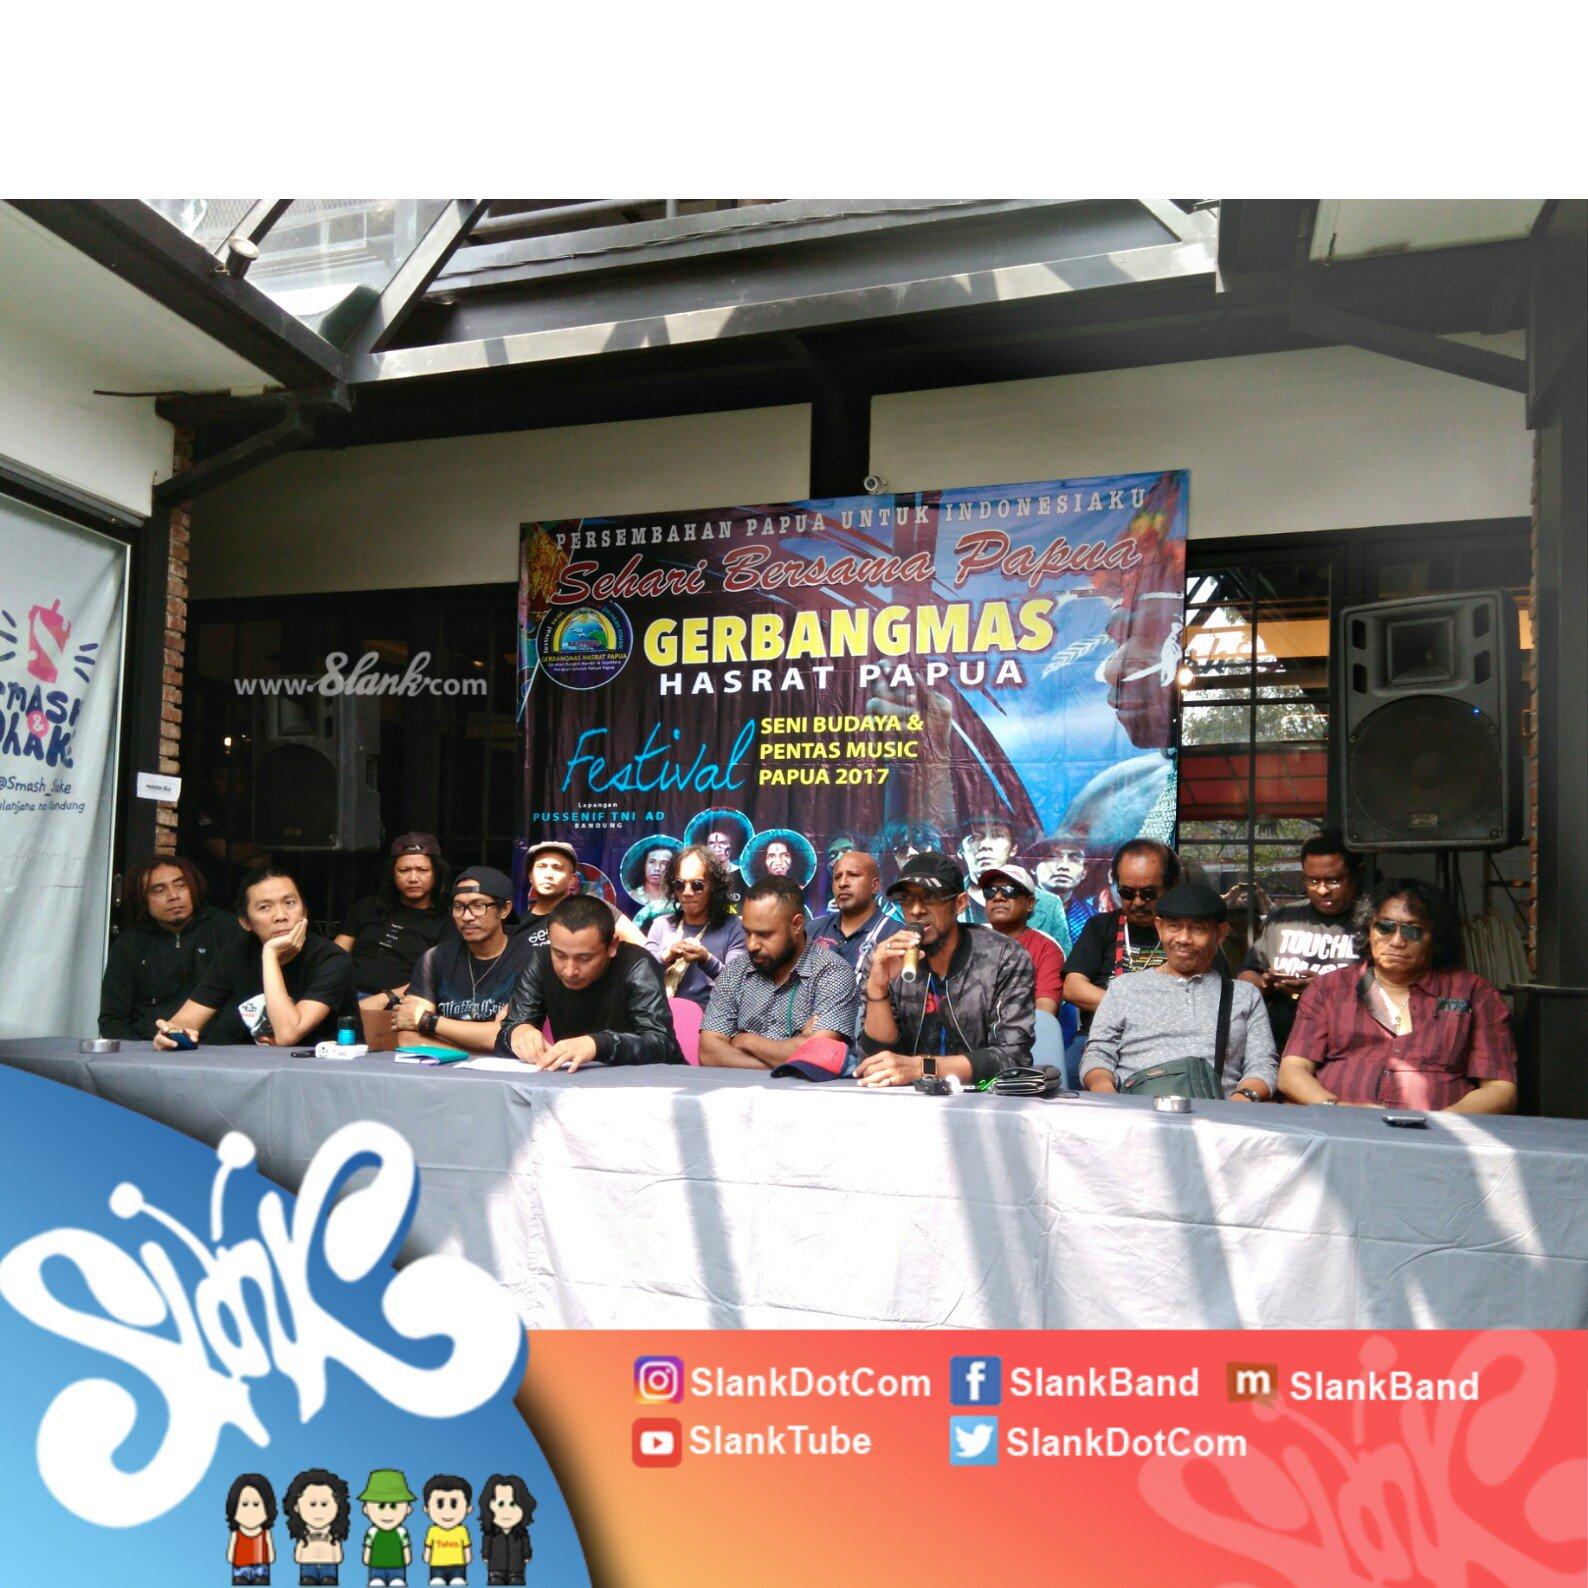 Konferensi pers acara Sehari Bersama Papua! Sampai ketemu MALAM NANTI di Lapangan Pussenif TNI AD, Bandung https://t.co/b353yIw4rW